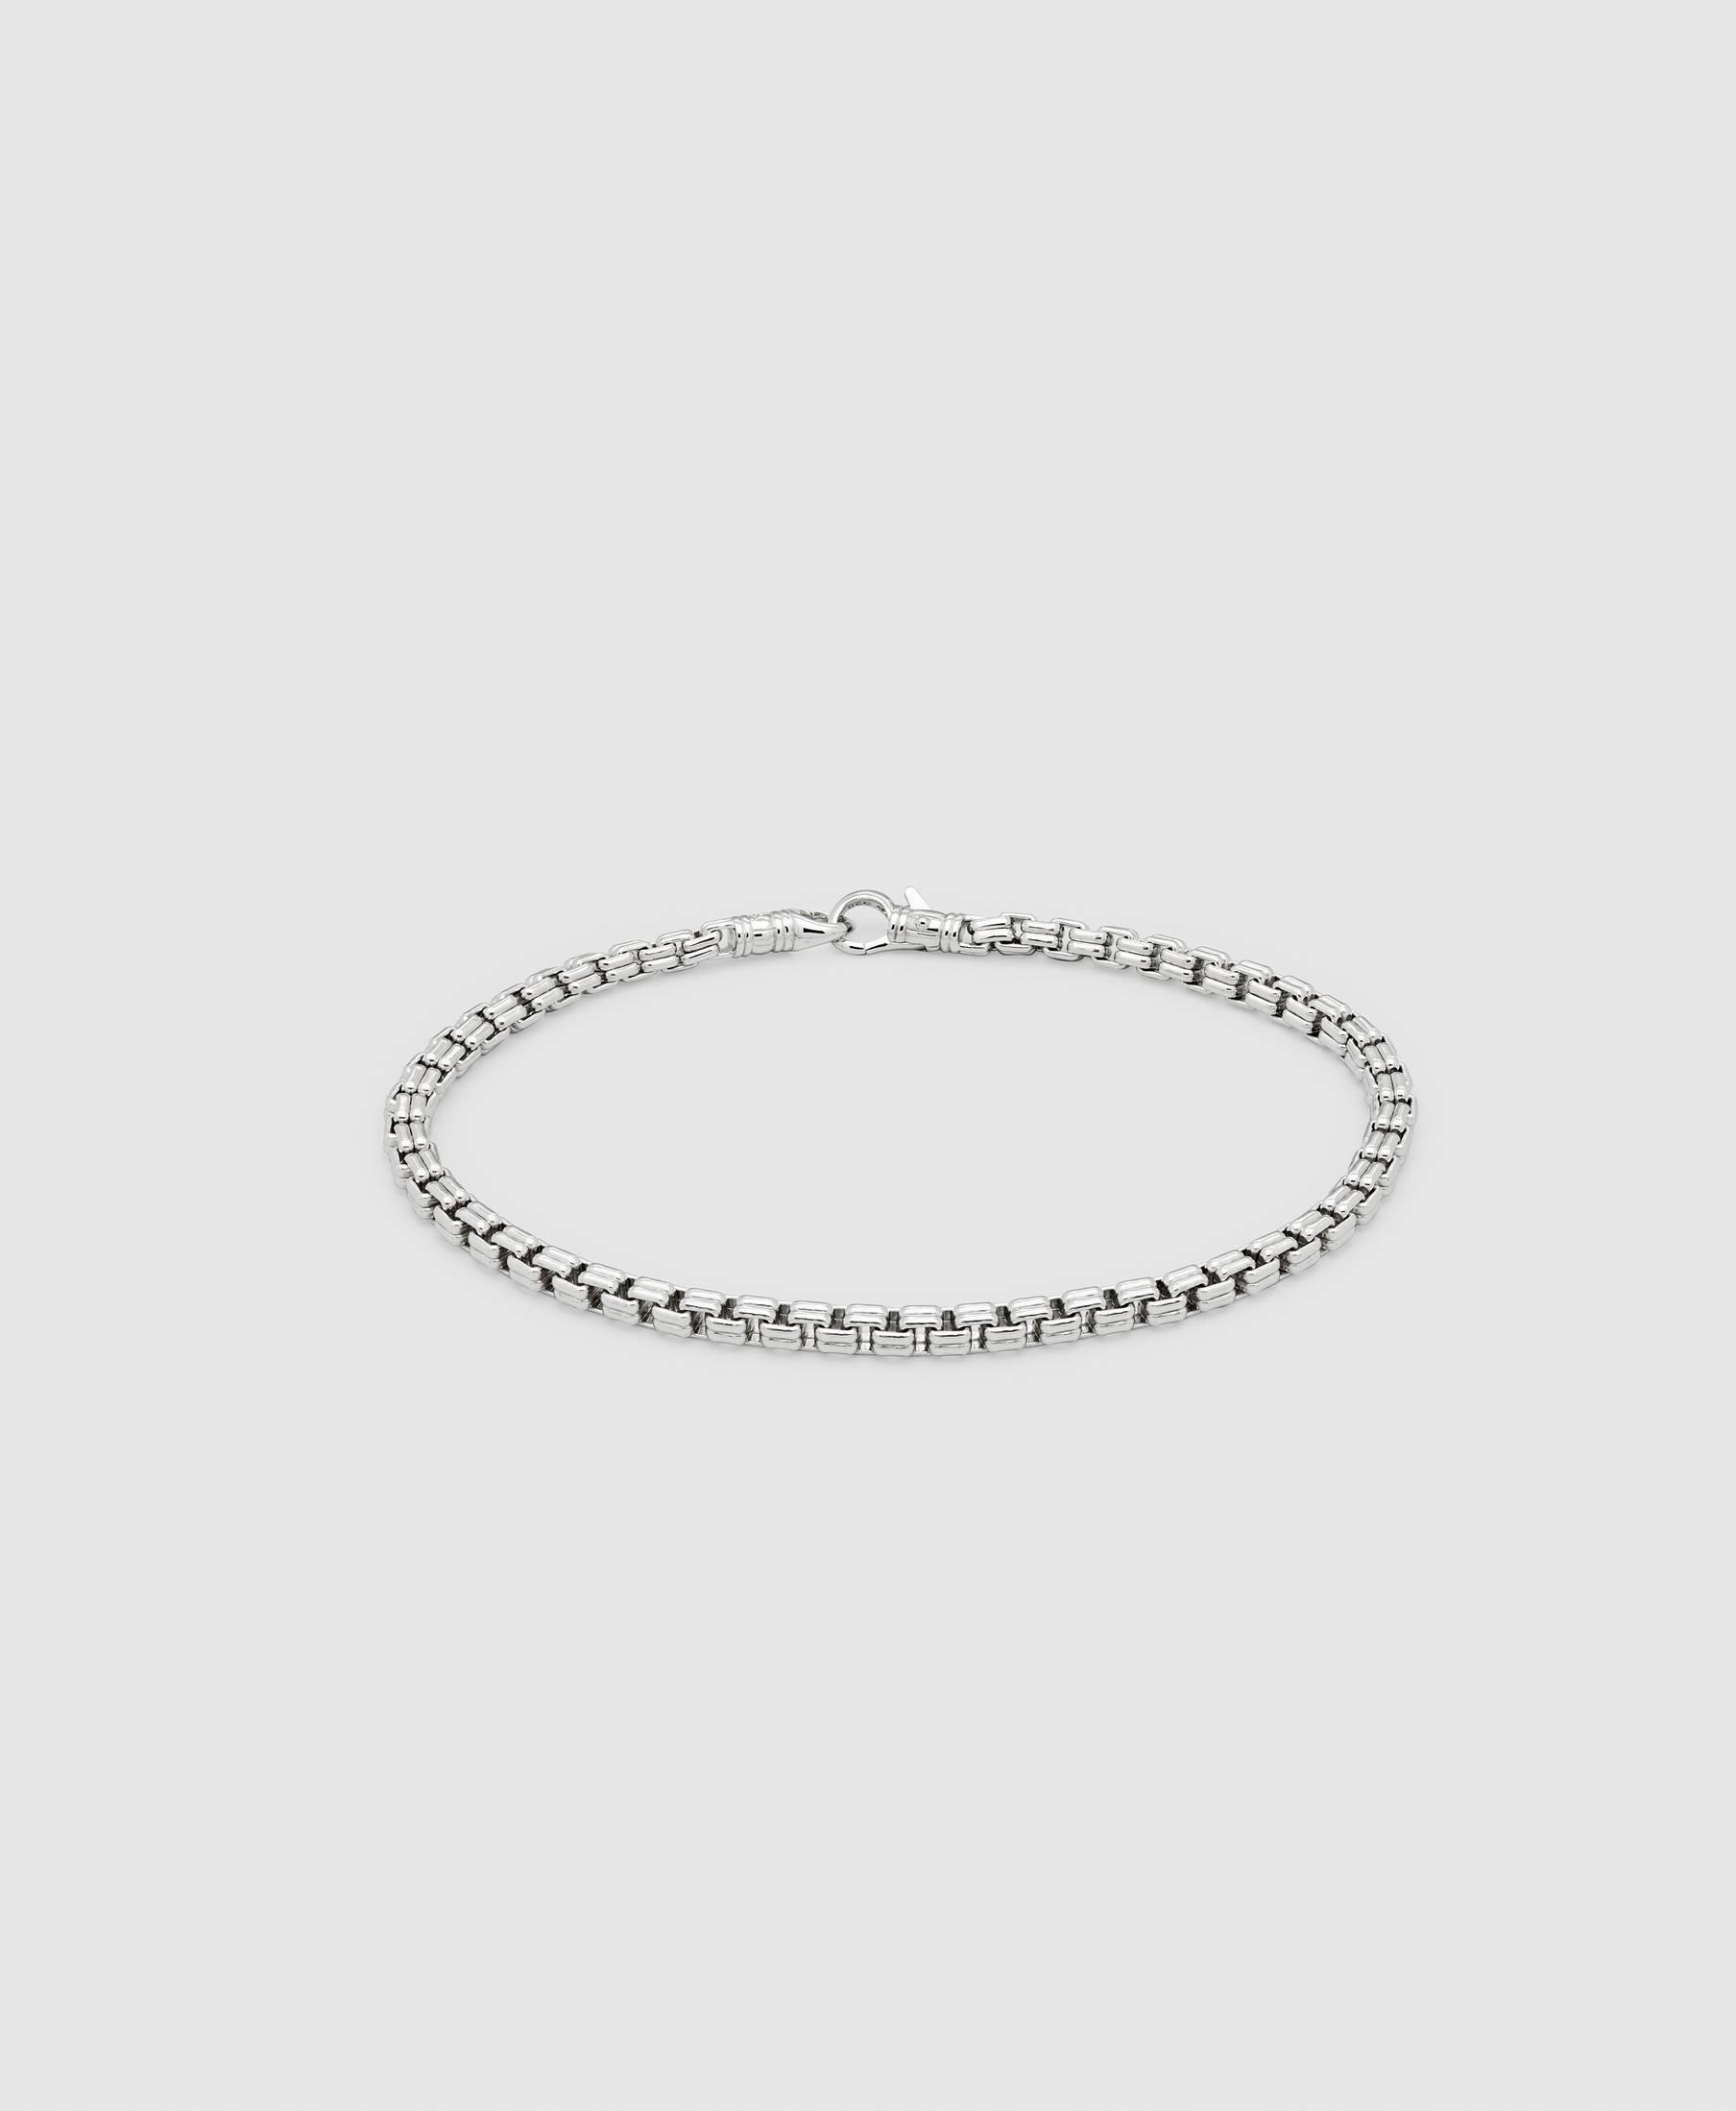 Venetian Bracelet Double M